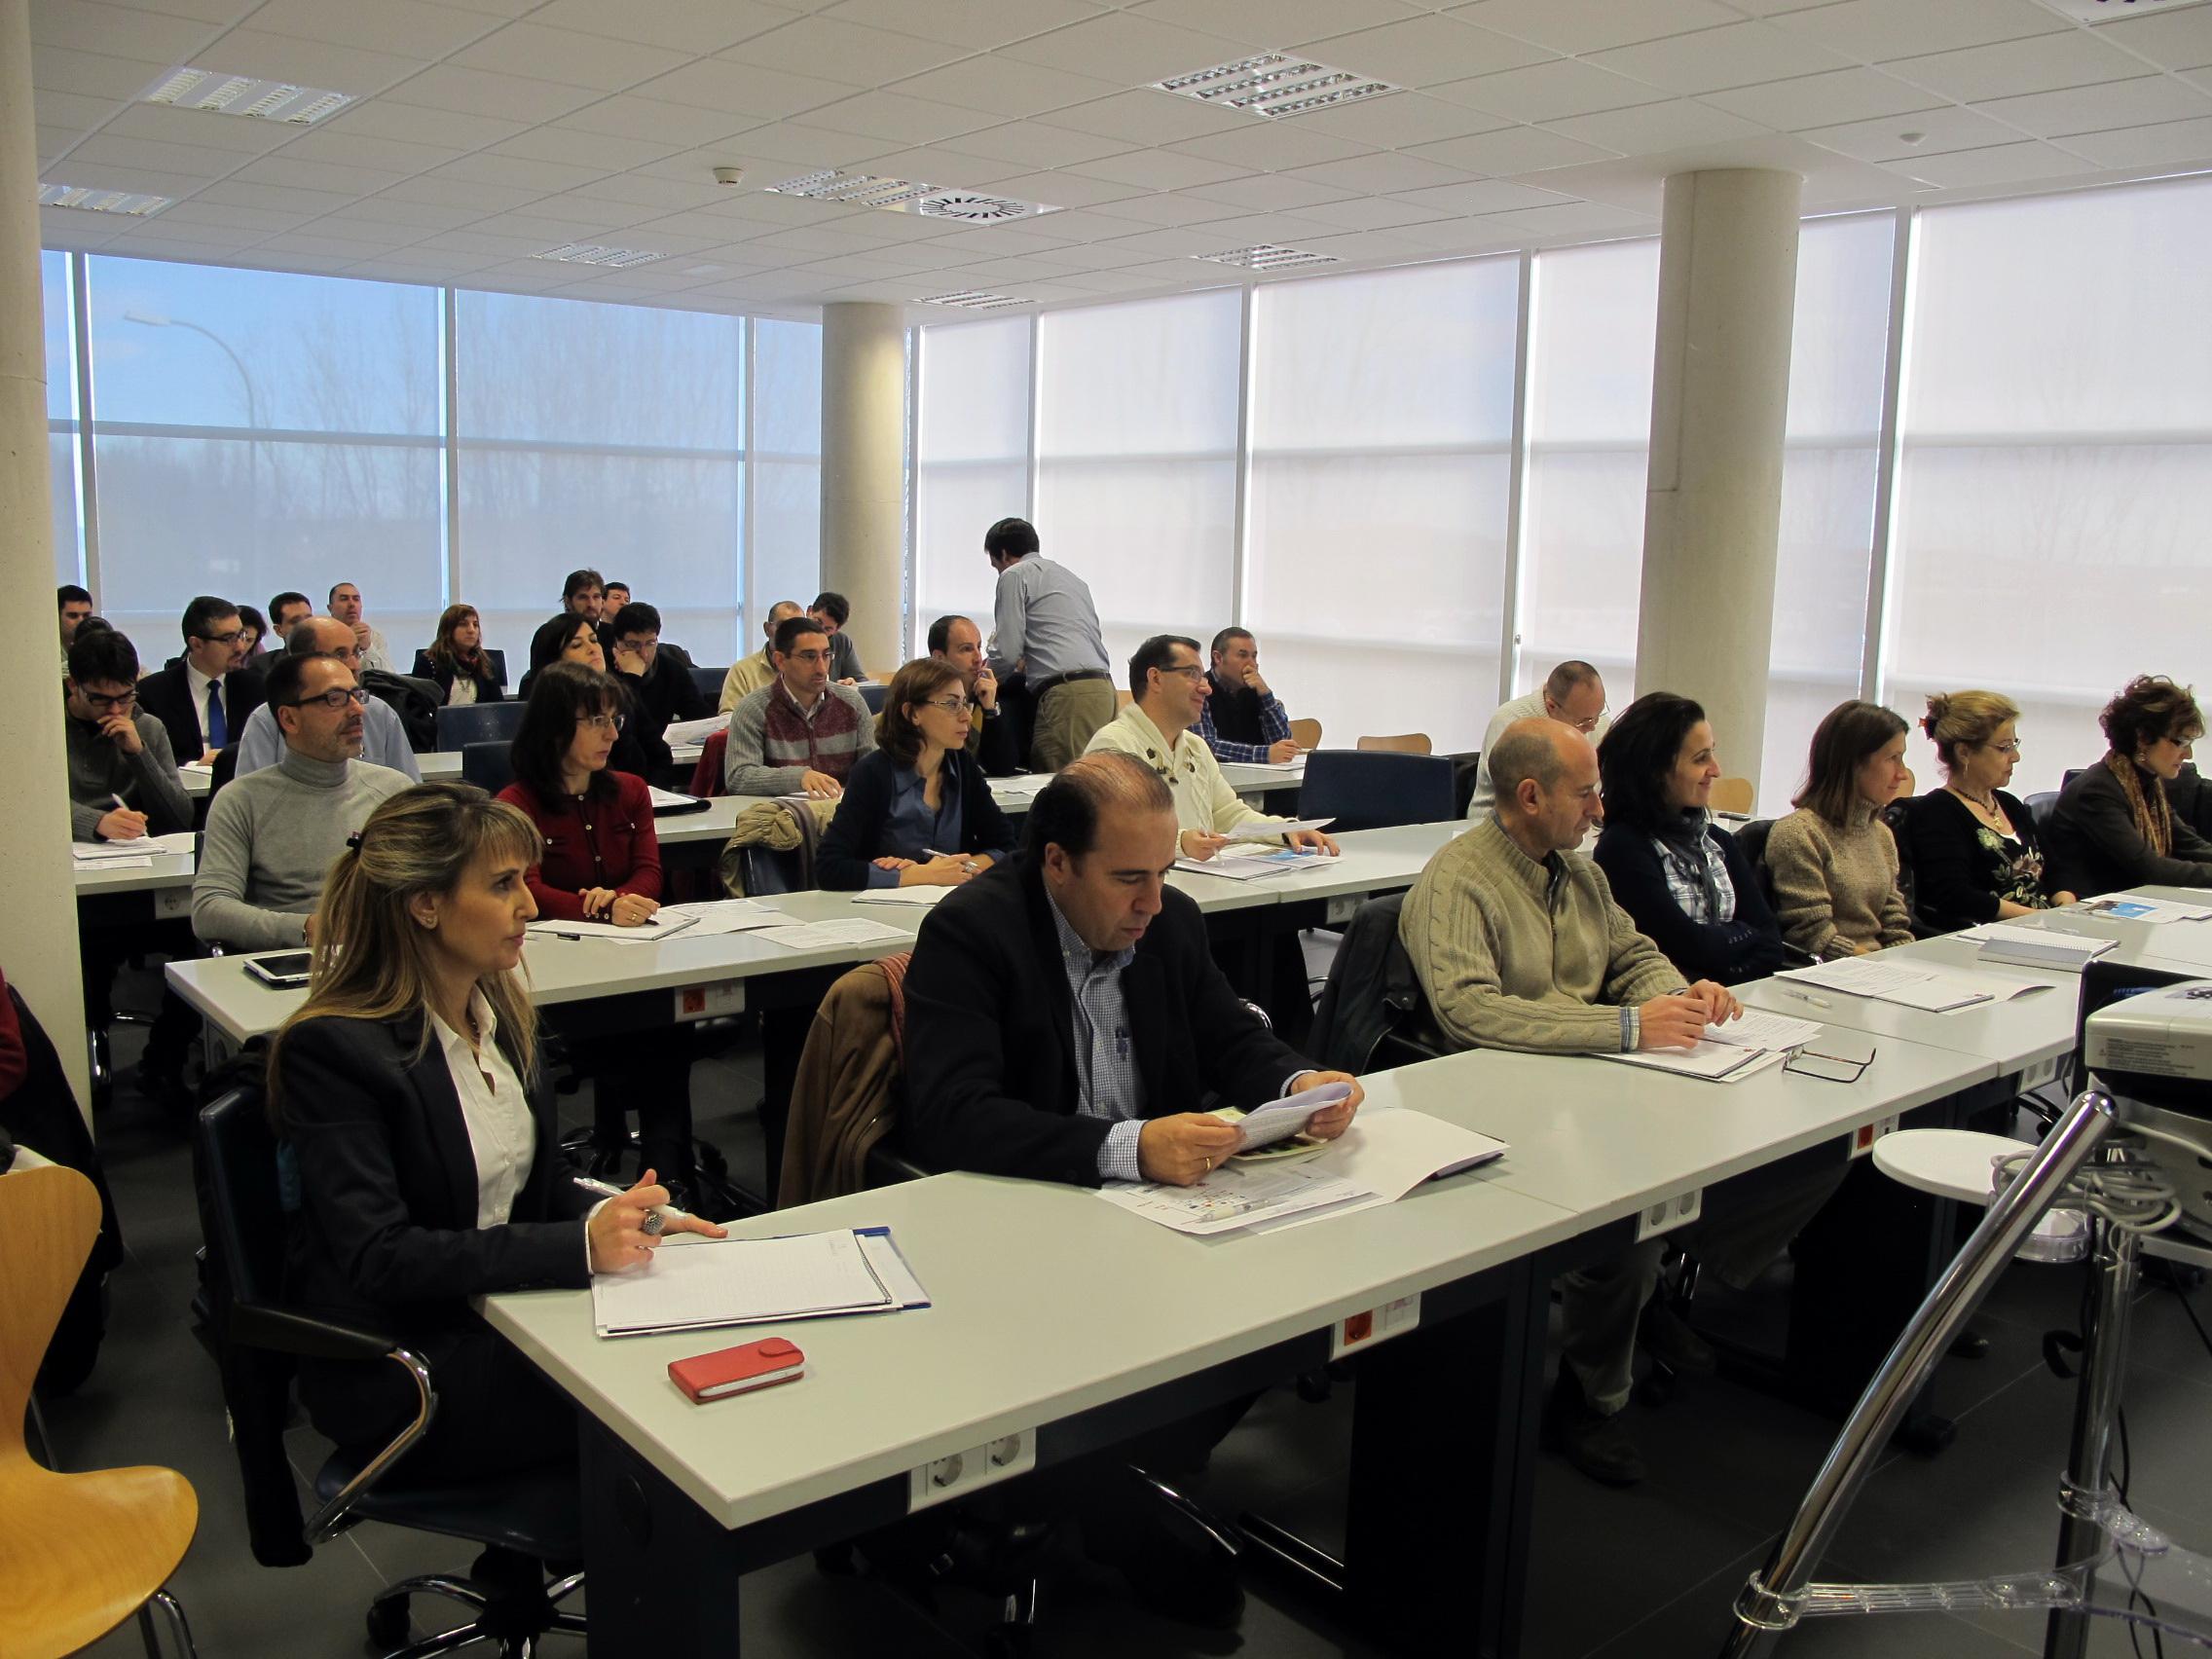 El Edificio M3 del Parque Científico de la Universidad de Salamanca acoge un ciclo de jornadas sobre prevención de riesgos laborales